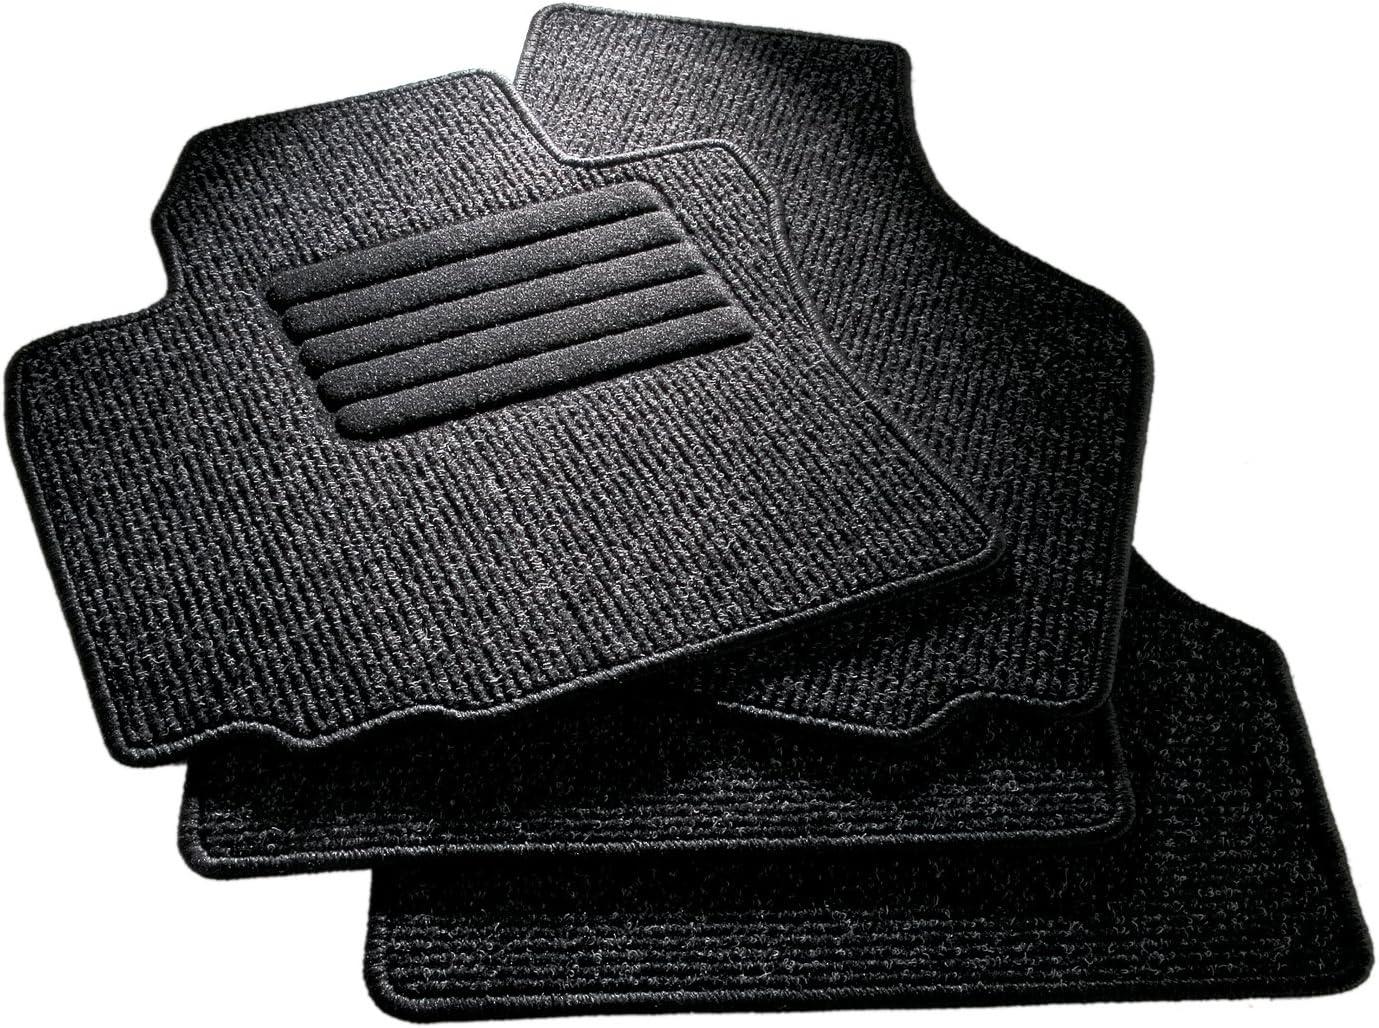 CarFashion 255239 Juego de alfombrillas 4/piezas Negro